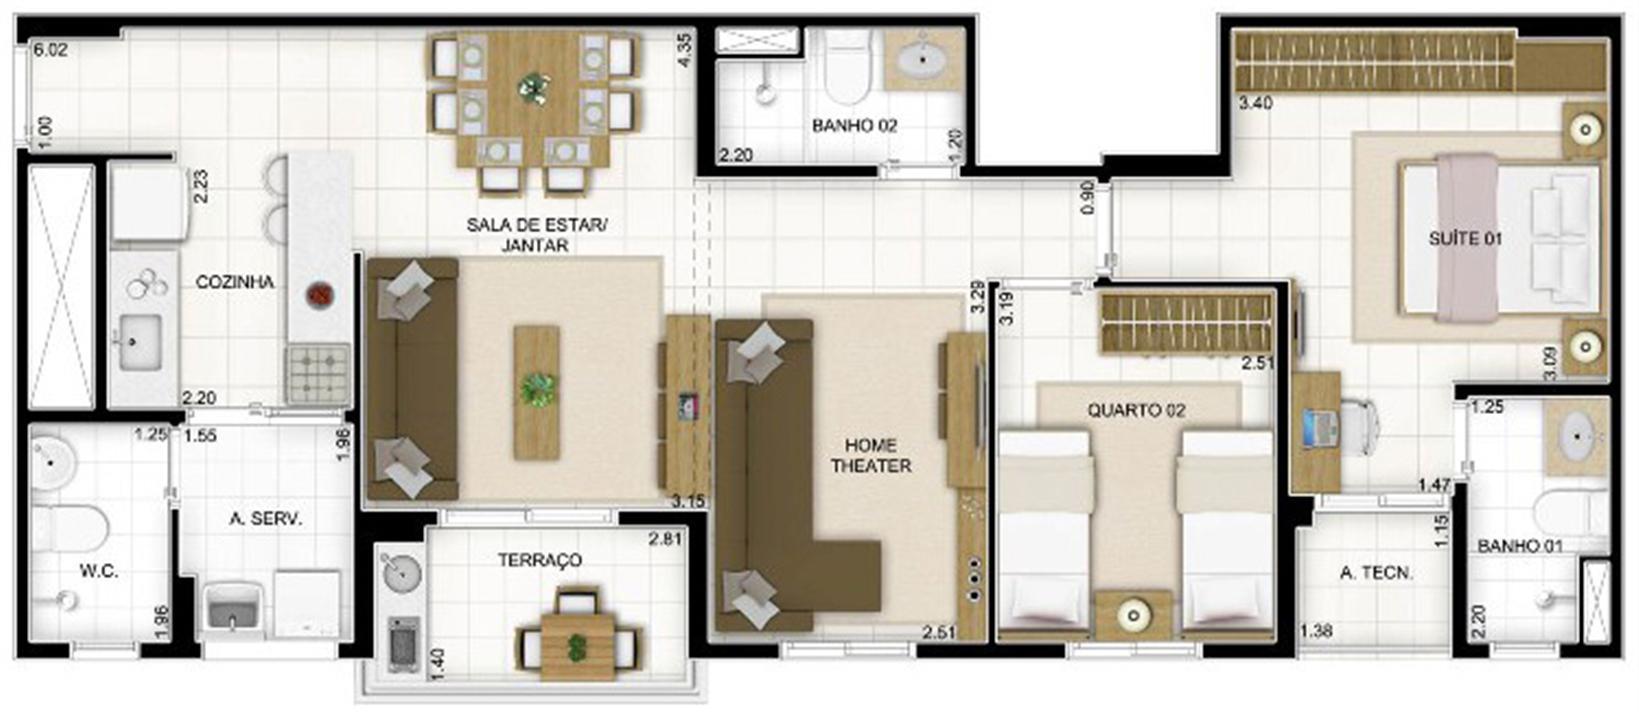 Planta 3 quartos Sala Ampliada | Quartier Lagoa Nova – Apartamentona  Lagoa Nova - Natal - Rio Grande do Norte